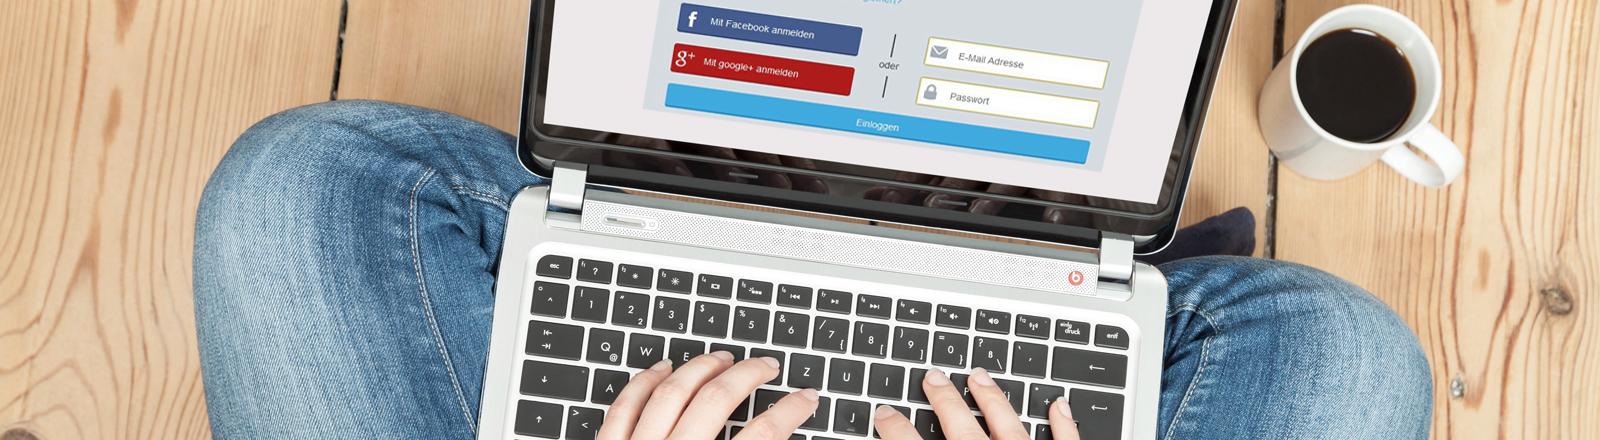 Hände geben auf Laptop-Tastatur Single-Log-in ein